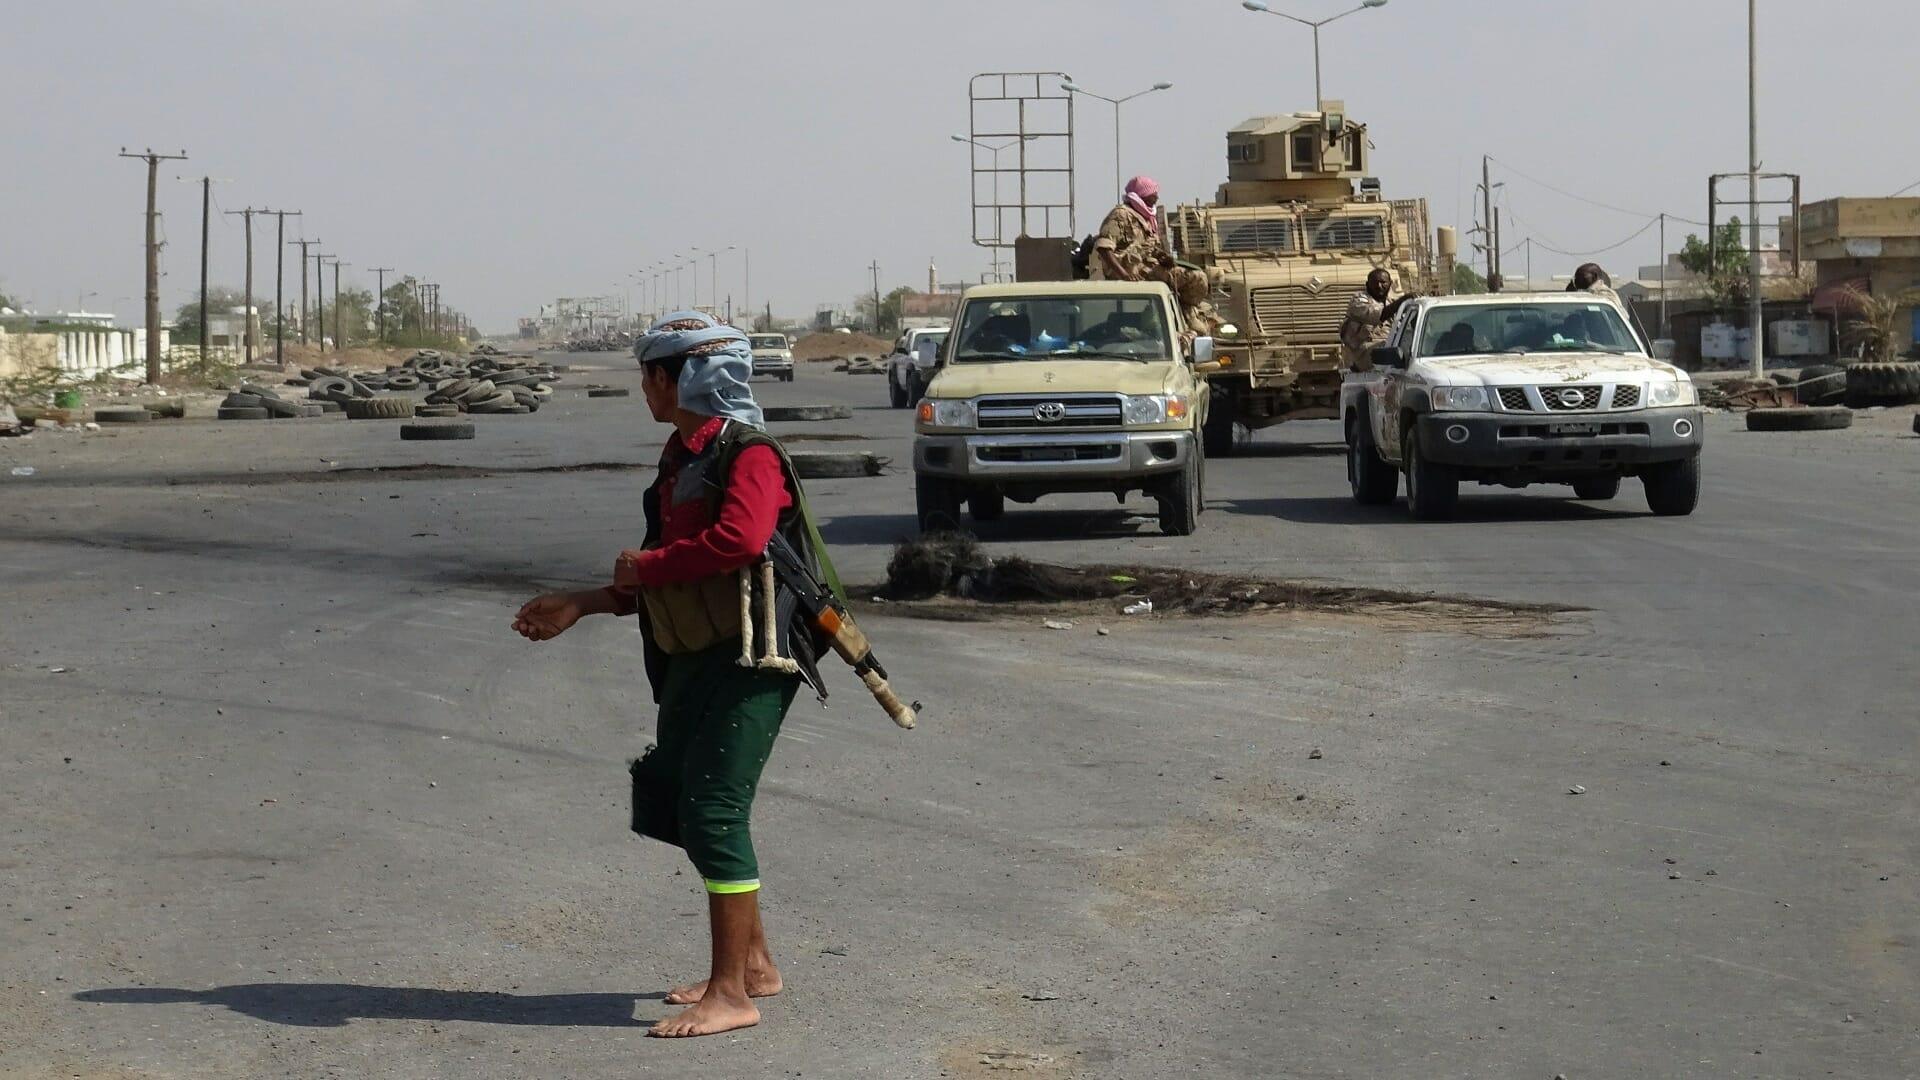 ضابط إماراتي: لا تصدقوا مبادرة وقف إطلاق النار السعودية هذا الهدف من ورائها